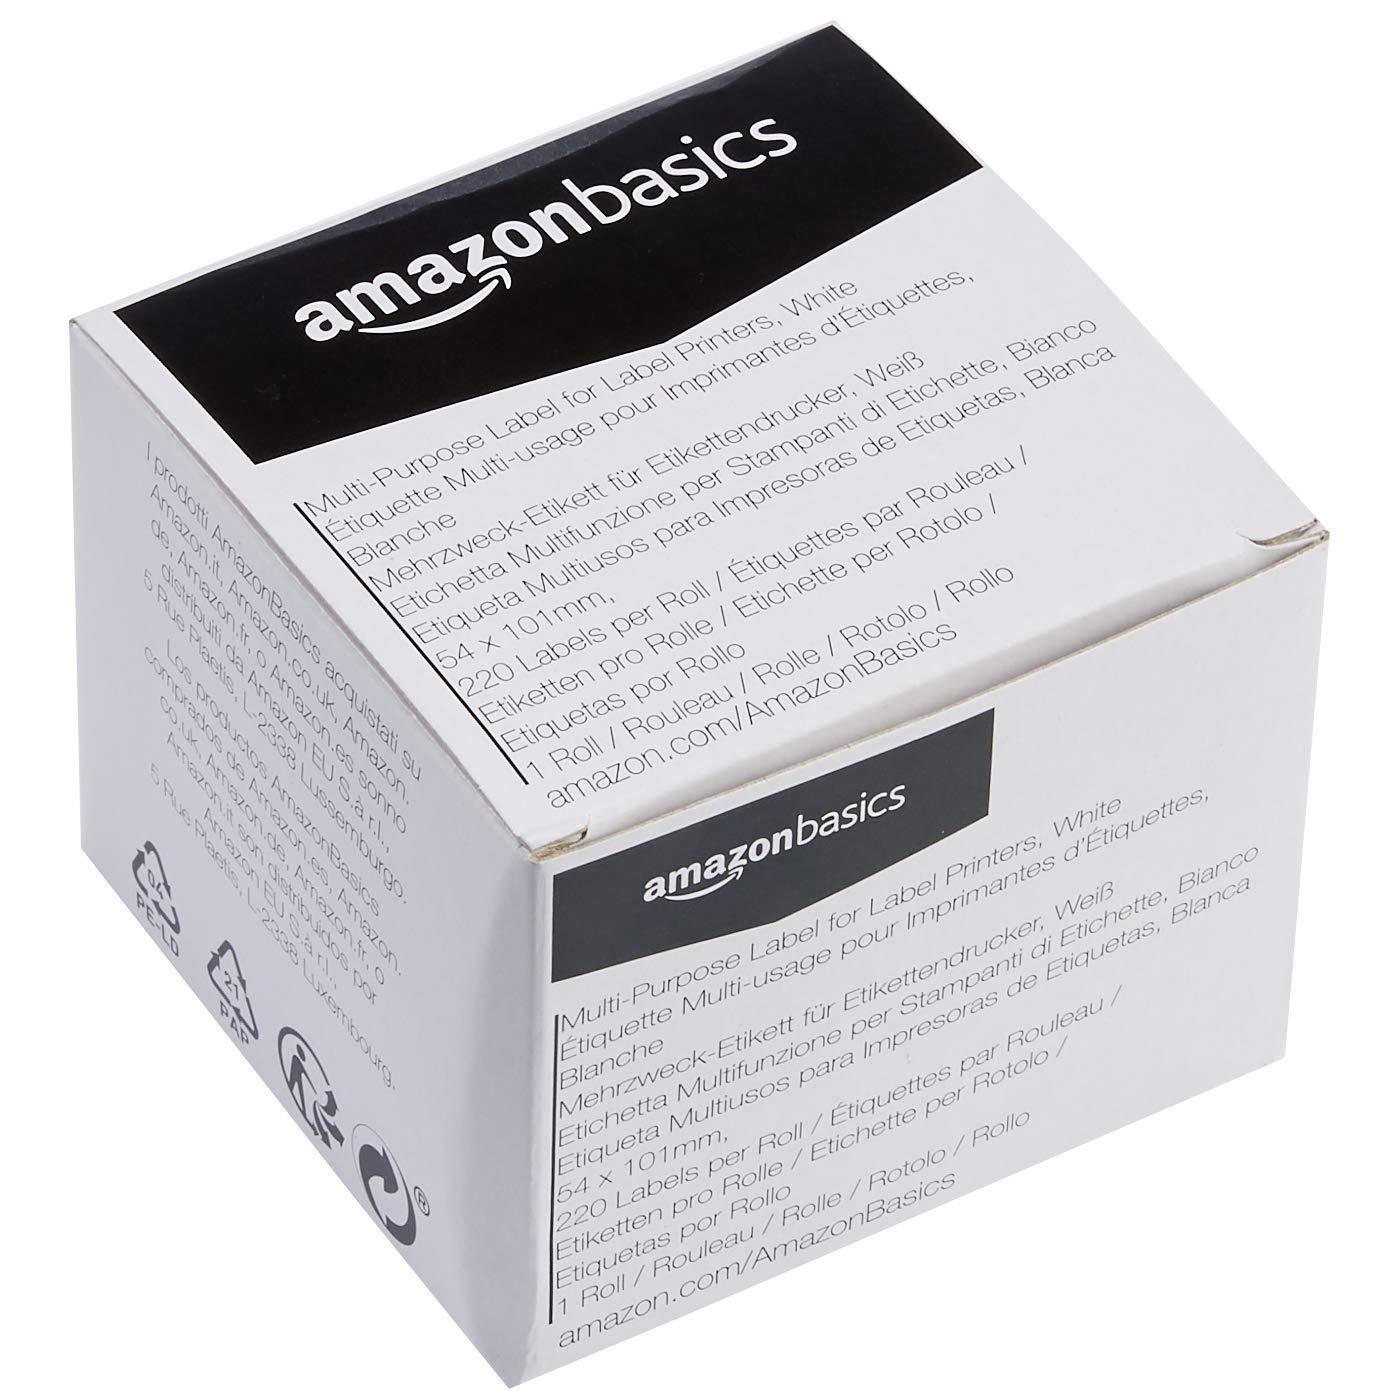 36 mm x 89 mm Mehrzweck-Etiketten f/ür Etikettendrucker Wei/ß 2 Rollen Basics 260  Etiketten pro Rolle